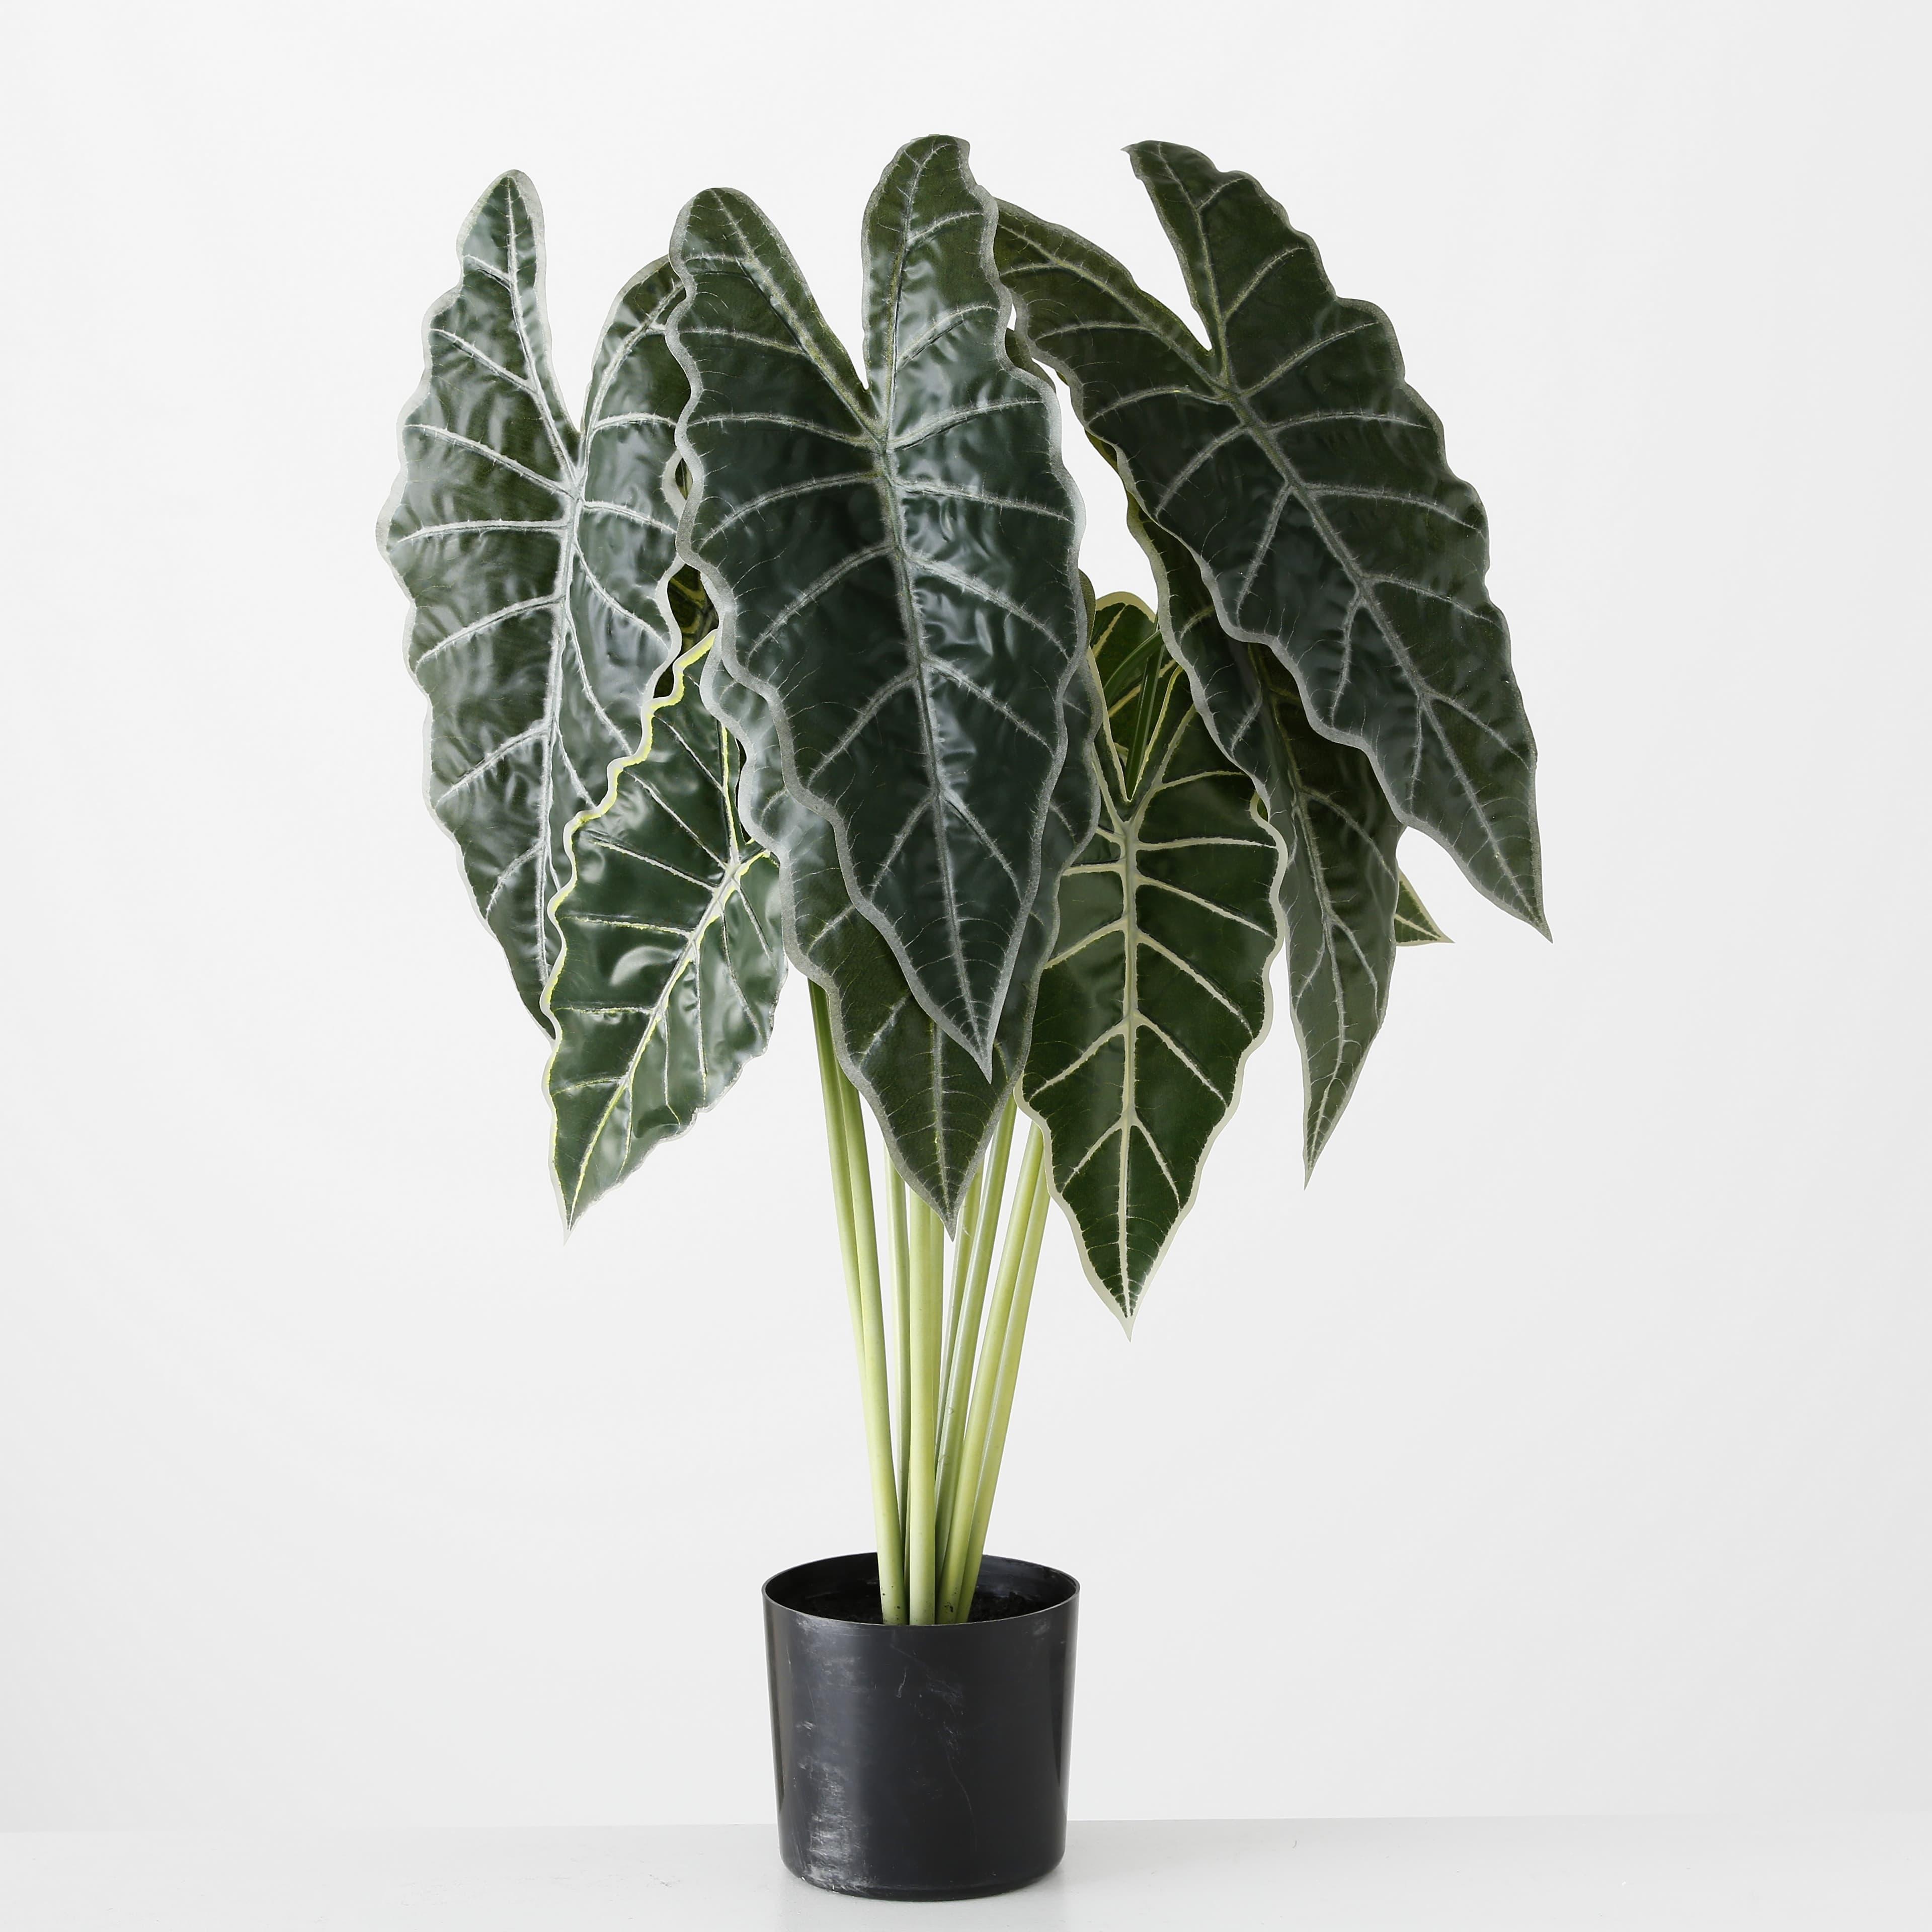 Poza Planta artificiala in ghiveci Arrow Leaf Verde / Negru, H71 cm